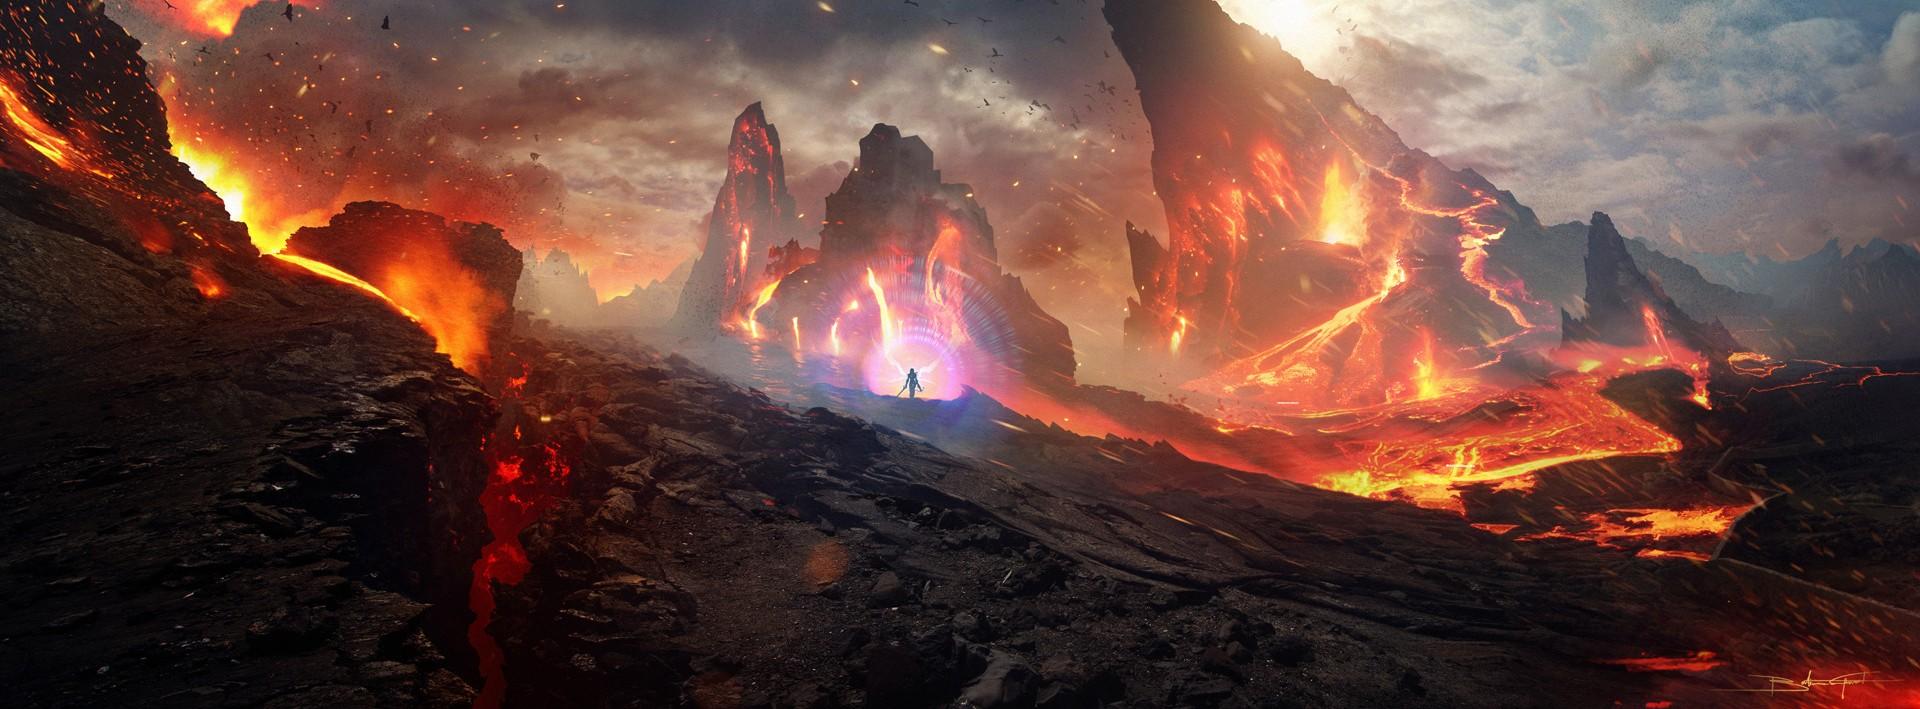 Подножие горы Арреат - Земли Ужаса (Dreadlands) - Санктуарий - Diablo